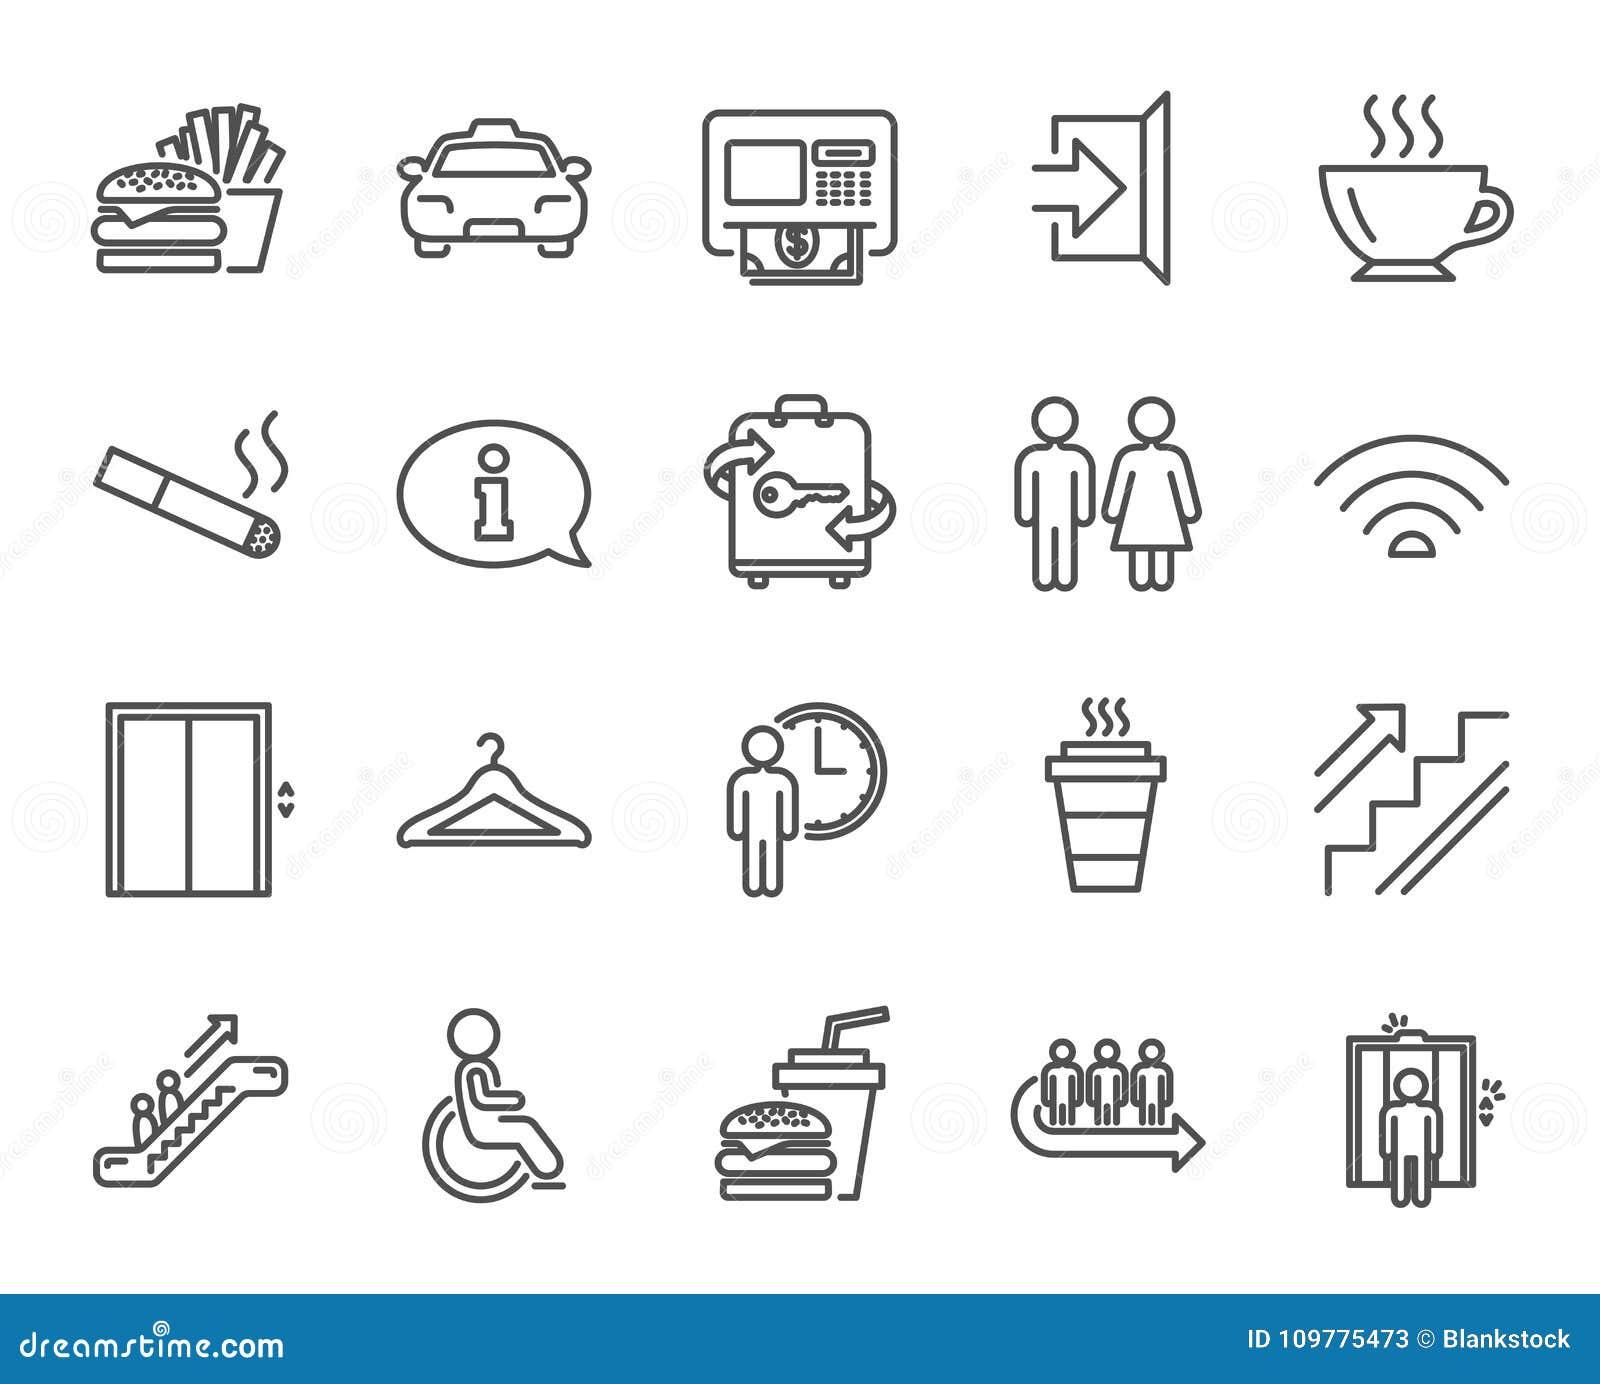 Linea icone di servizi pubblici Elevatore, guardaroba